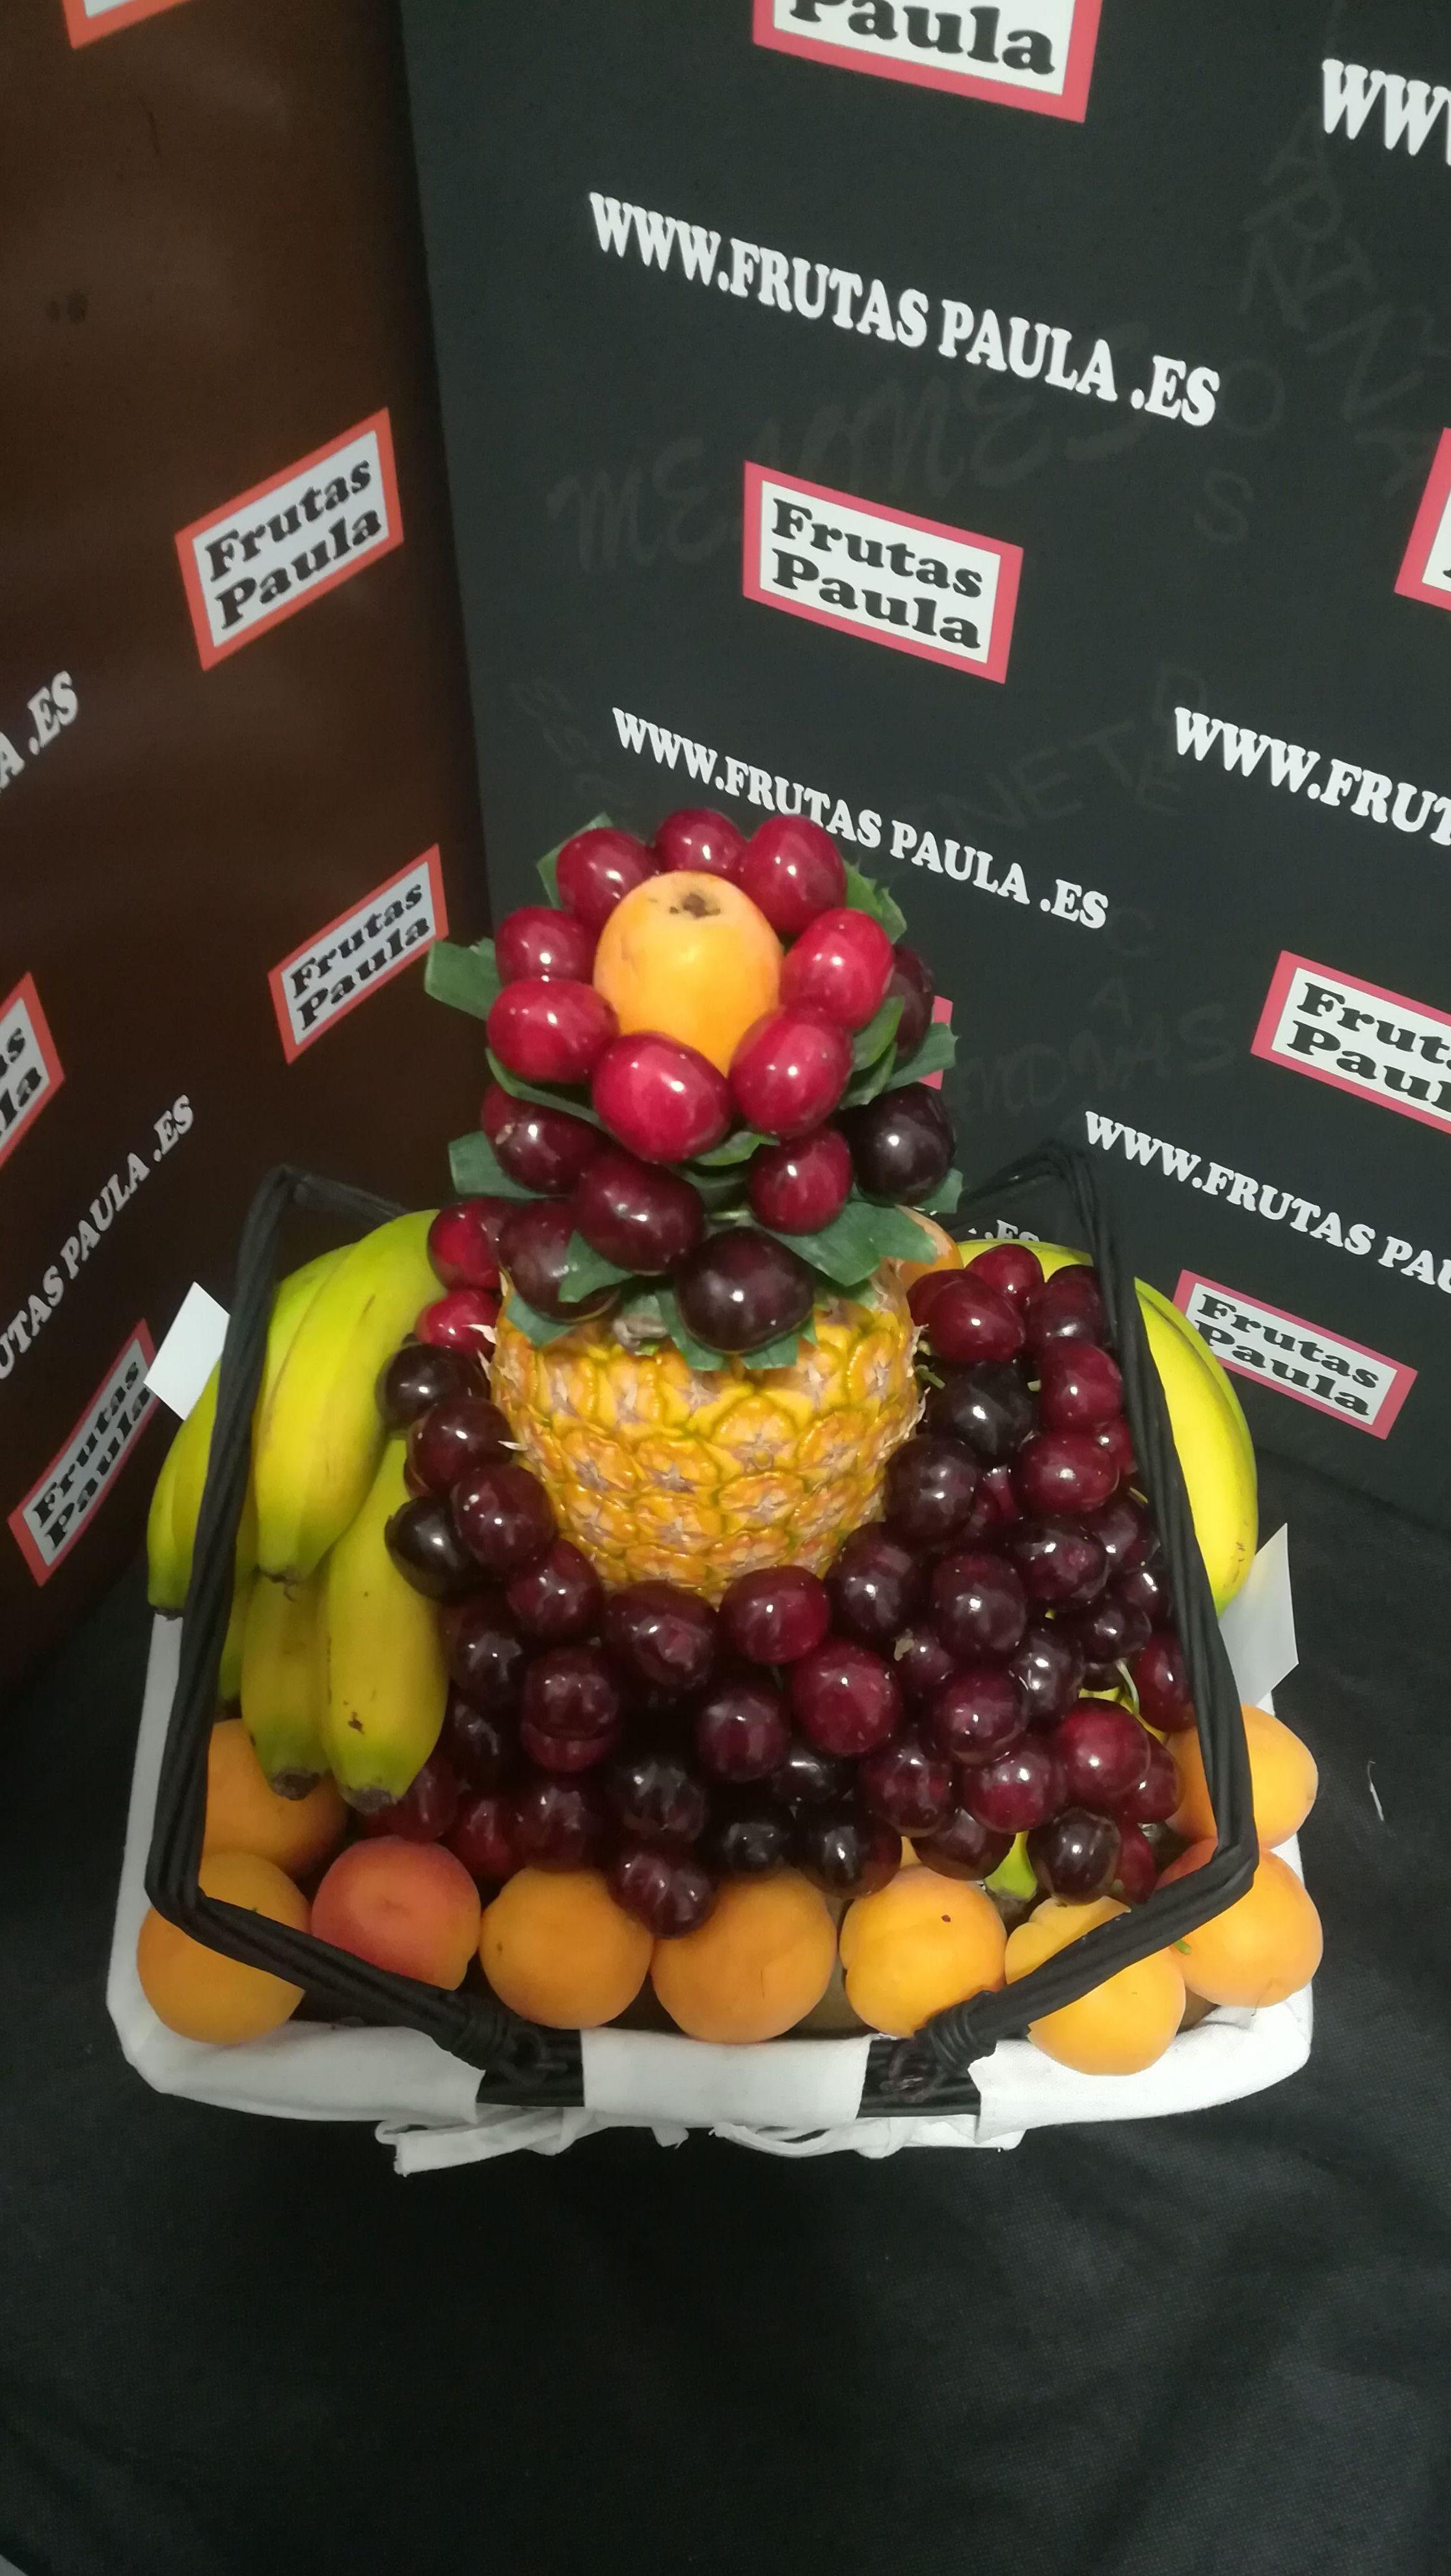 Pasa por nuestra frutería y sorprende con un detalle MUUYYY  dulce